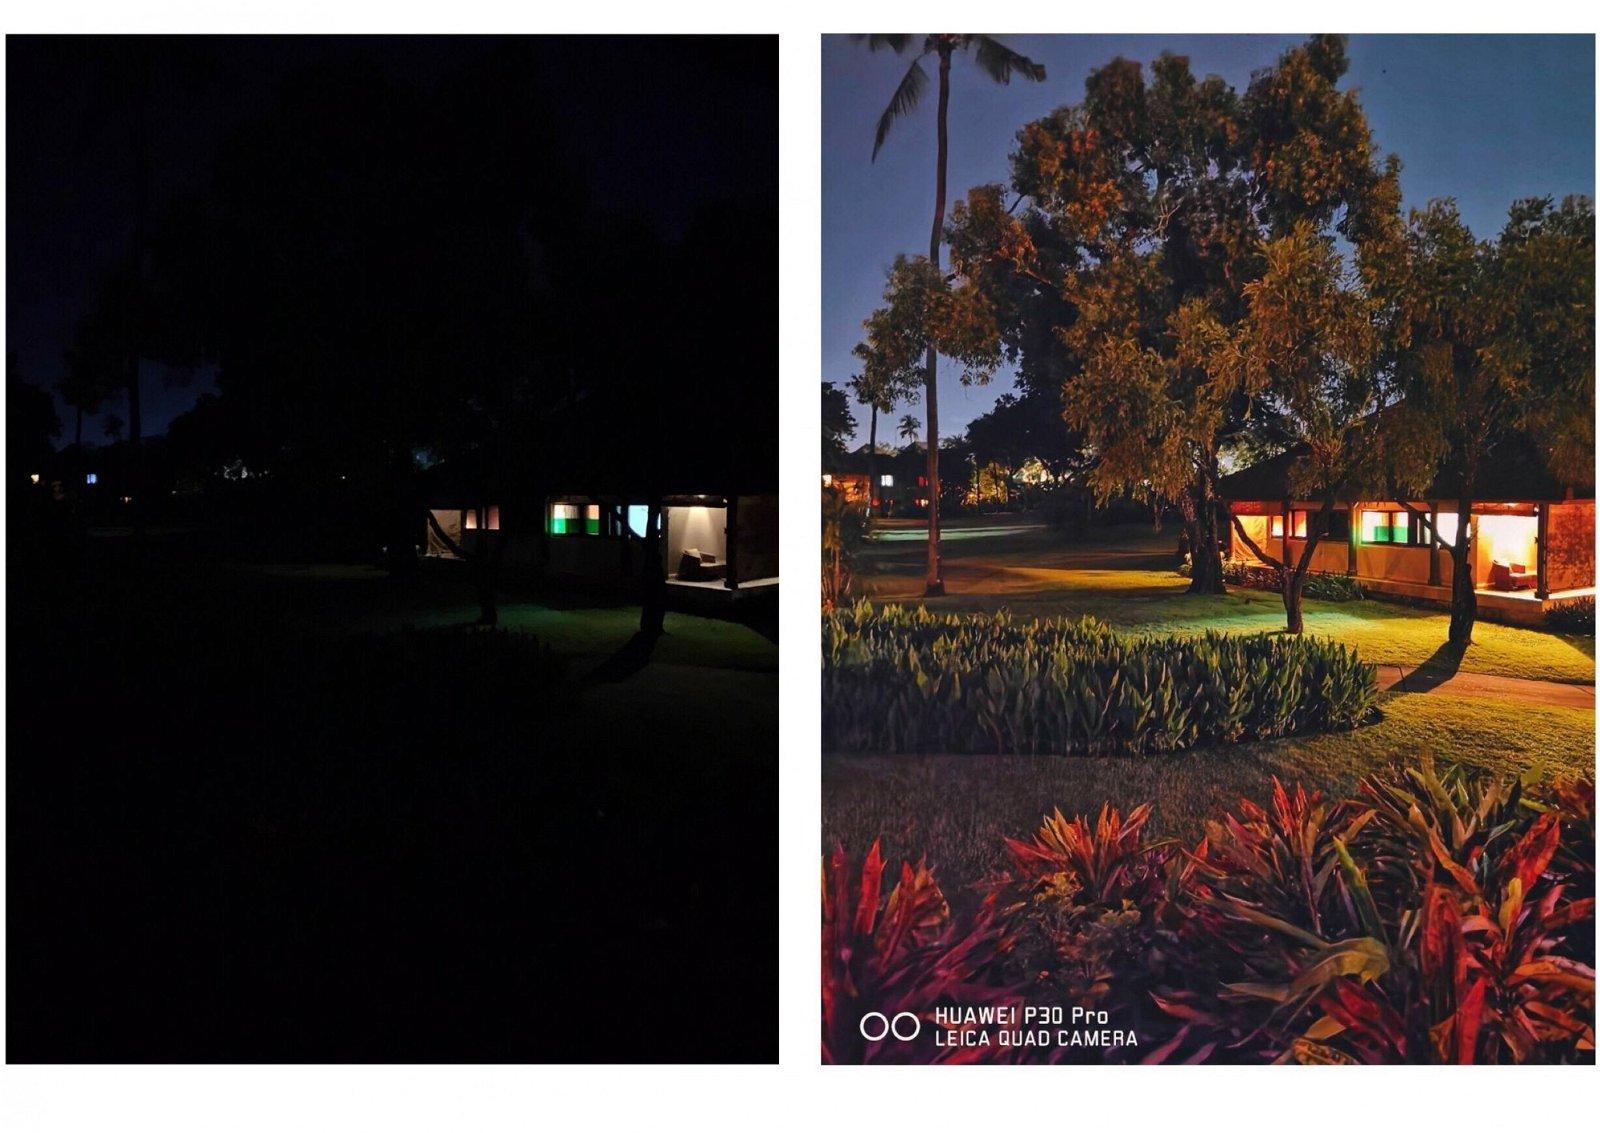 从左图可见,拍摄环境非常昏暗只能看到灯光,但华为P30Pro却将物体的细节都保留下来,甚至比肉眼看的更明亮。Photo by smashpop